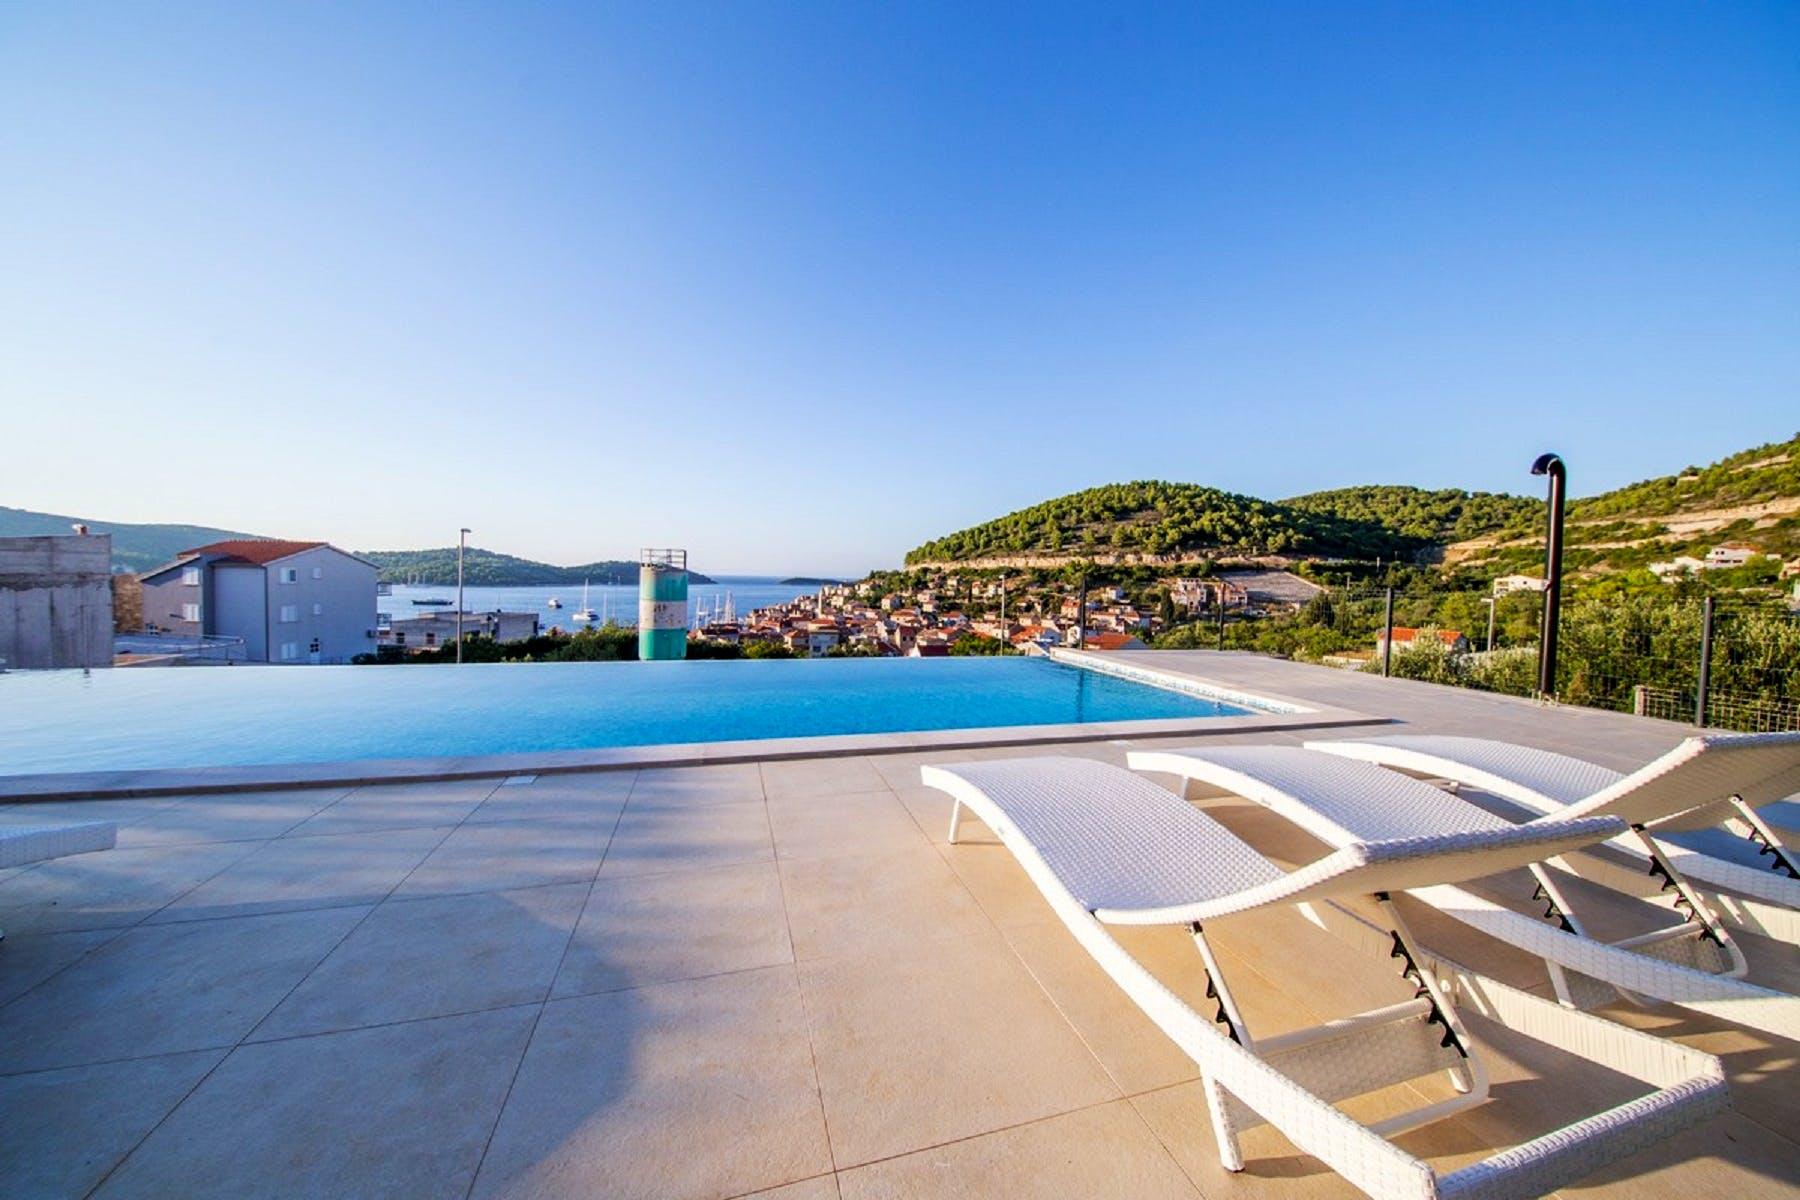 Veliki prostor za sunčanje i kupanje u bazenu